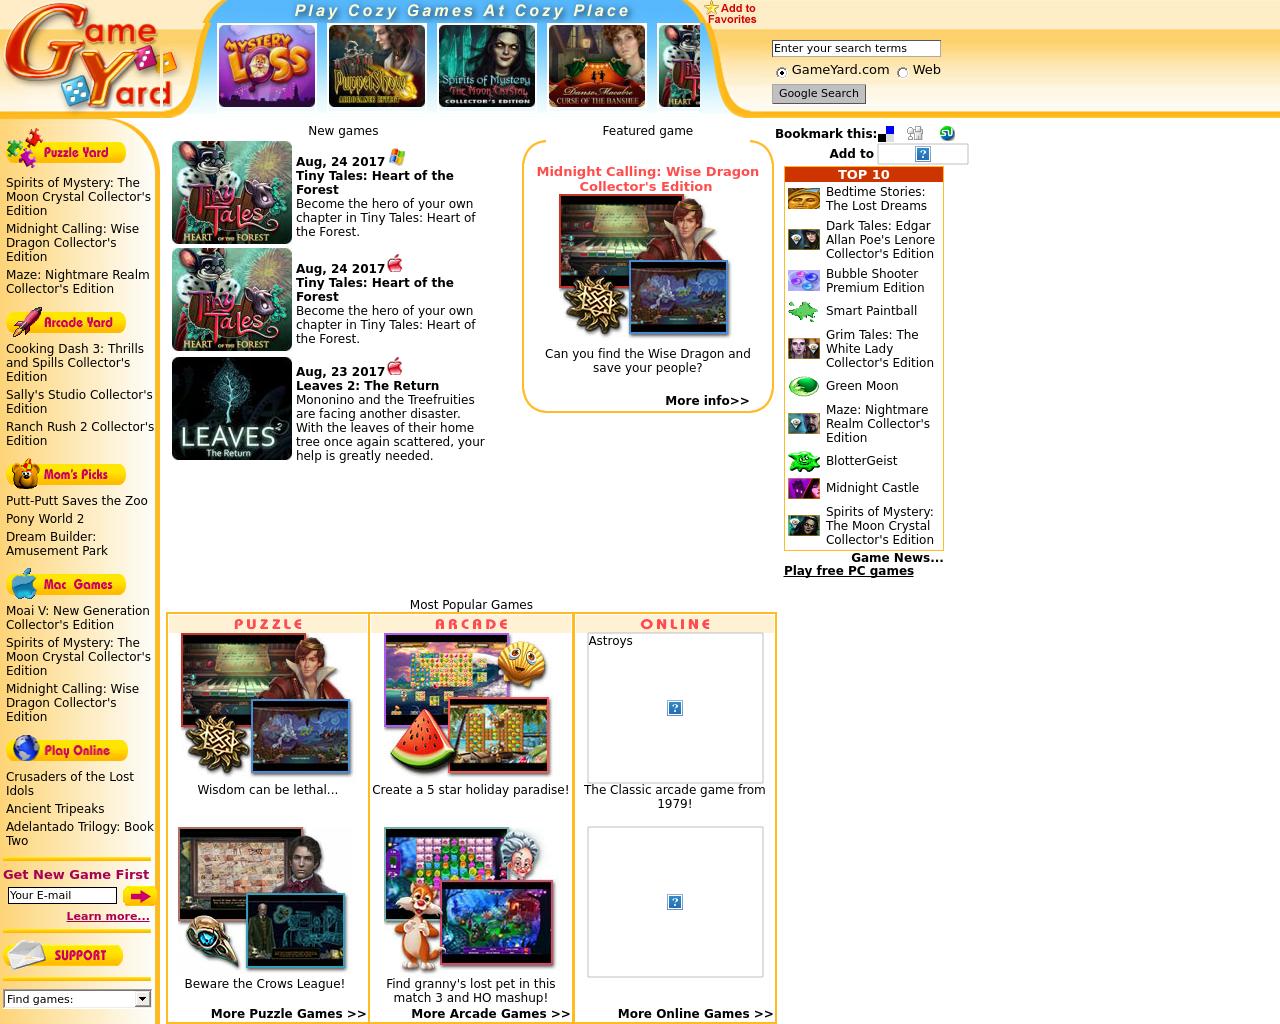 Gameyard-Advertising-Reviews-Pricing